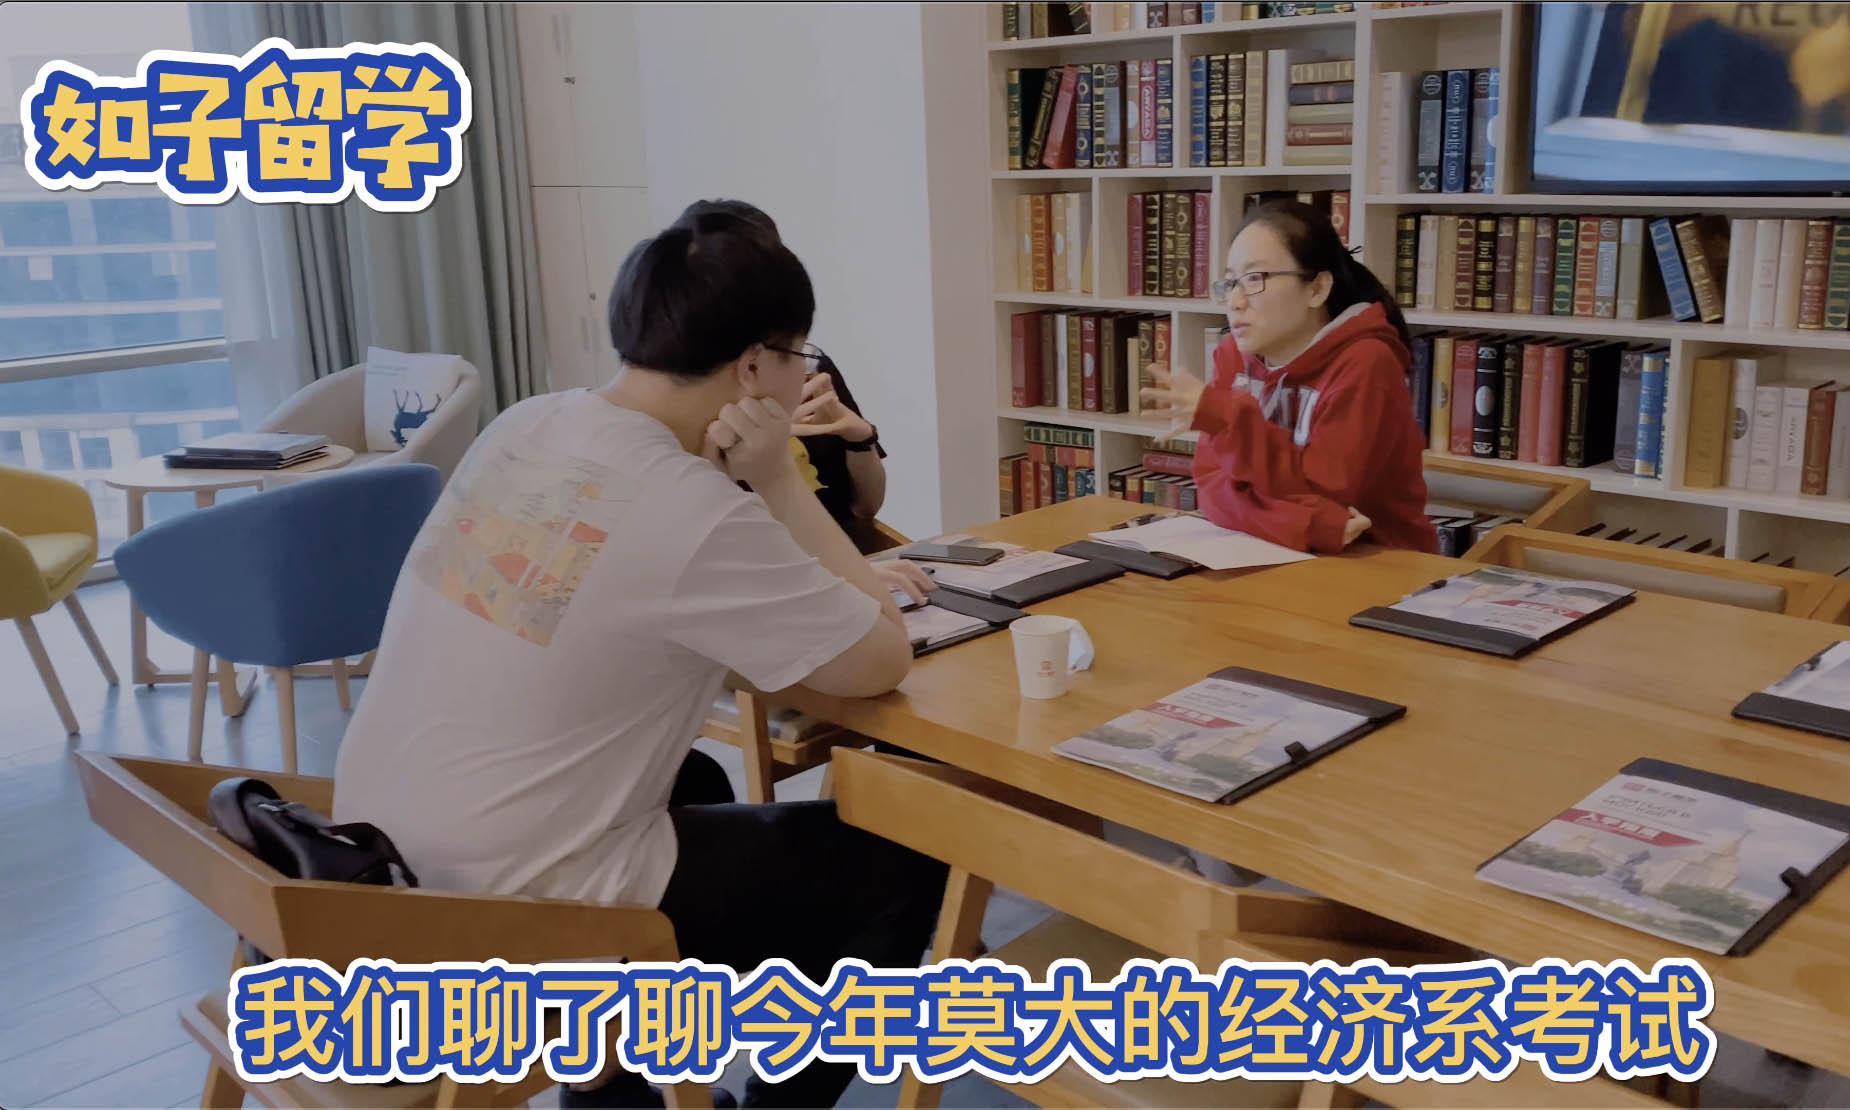 2016年老生来如子留学办公室